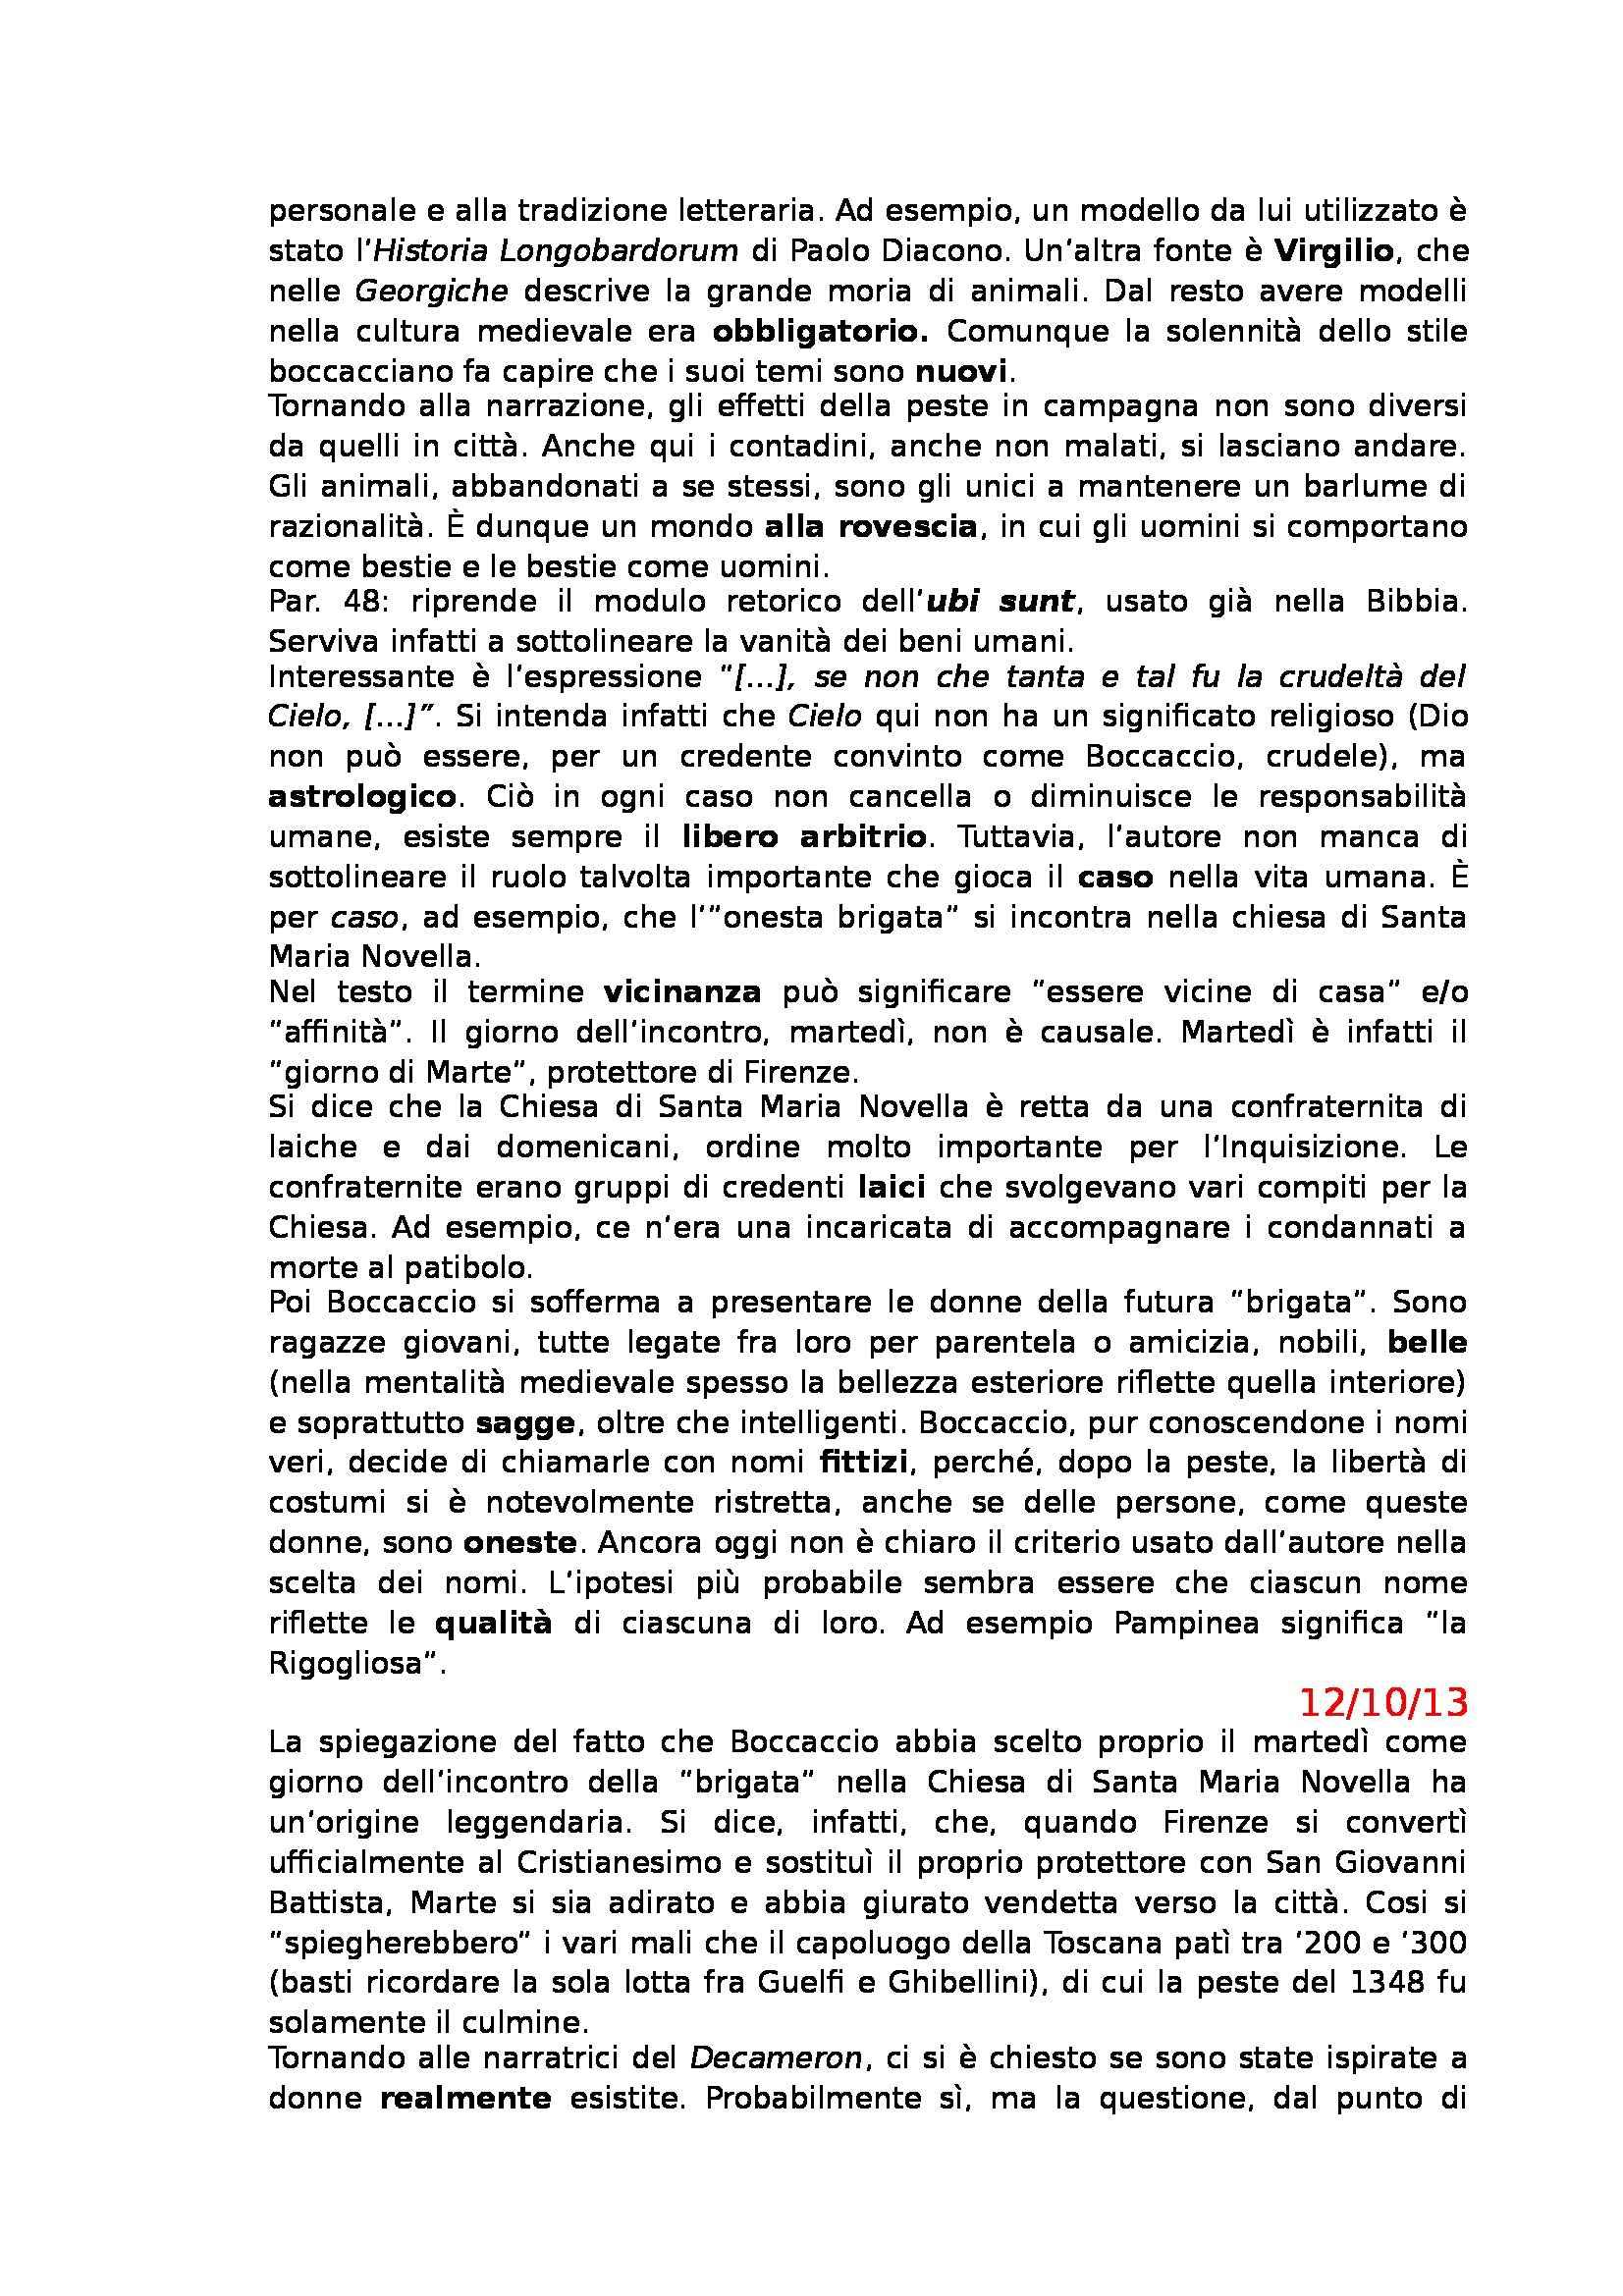 Letteratura Italiana - Boccaccio e Decameron Pag. 6